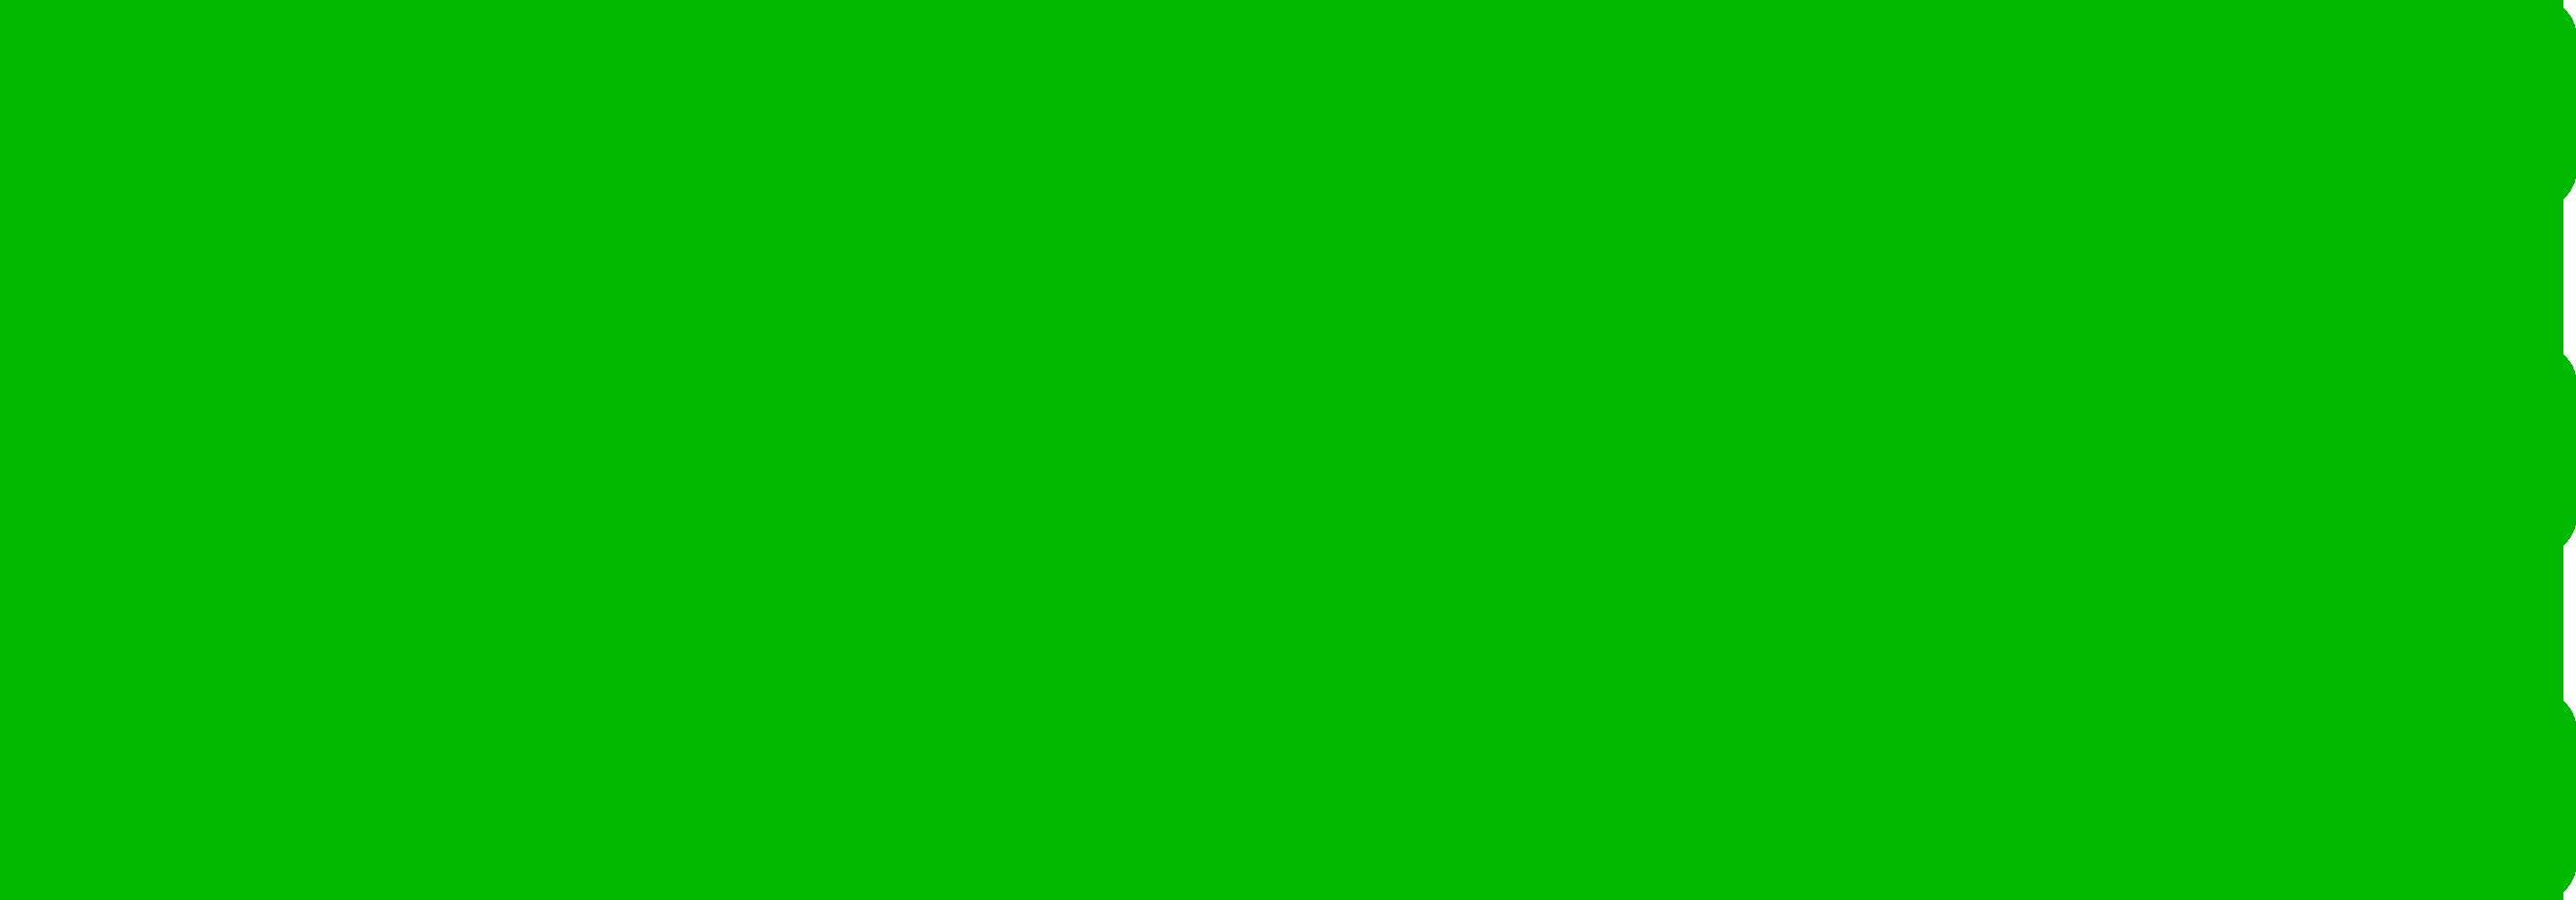 ไลน์ จับมือ มิซูโฮ ไฟแนนเชียล กรุ๊ป ประกาศเพิ่มเงินลงทุน  พร้อมปรับโครงสร้างการบริหาร LINE Bank Preparatory Company